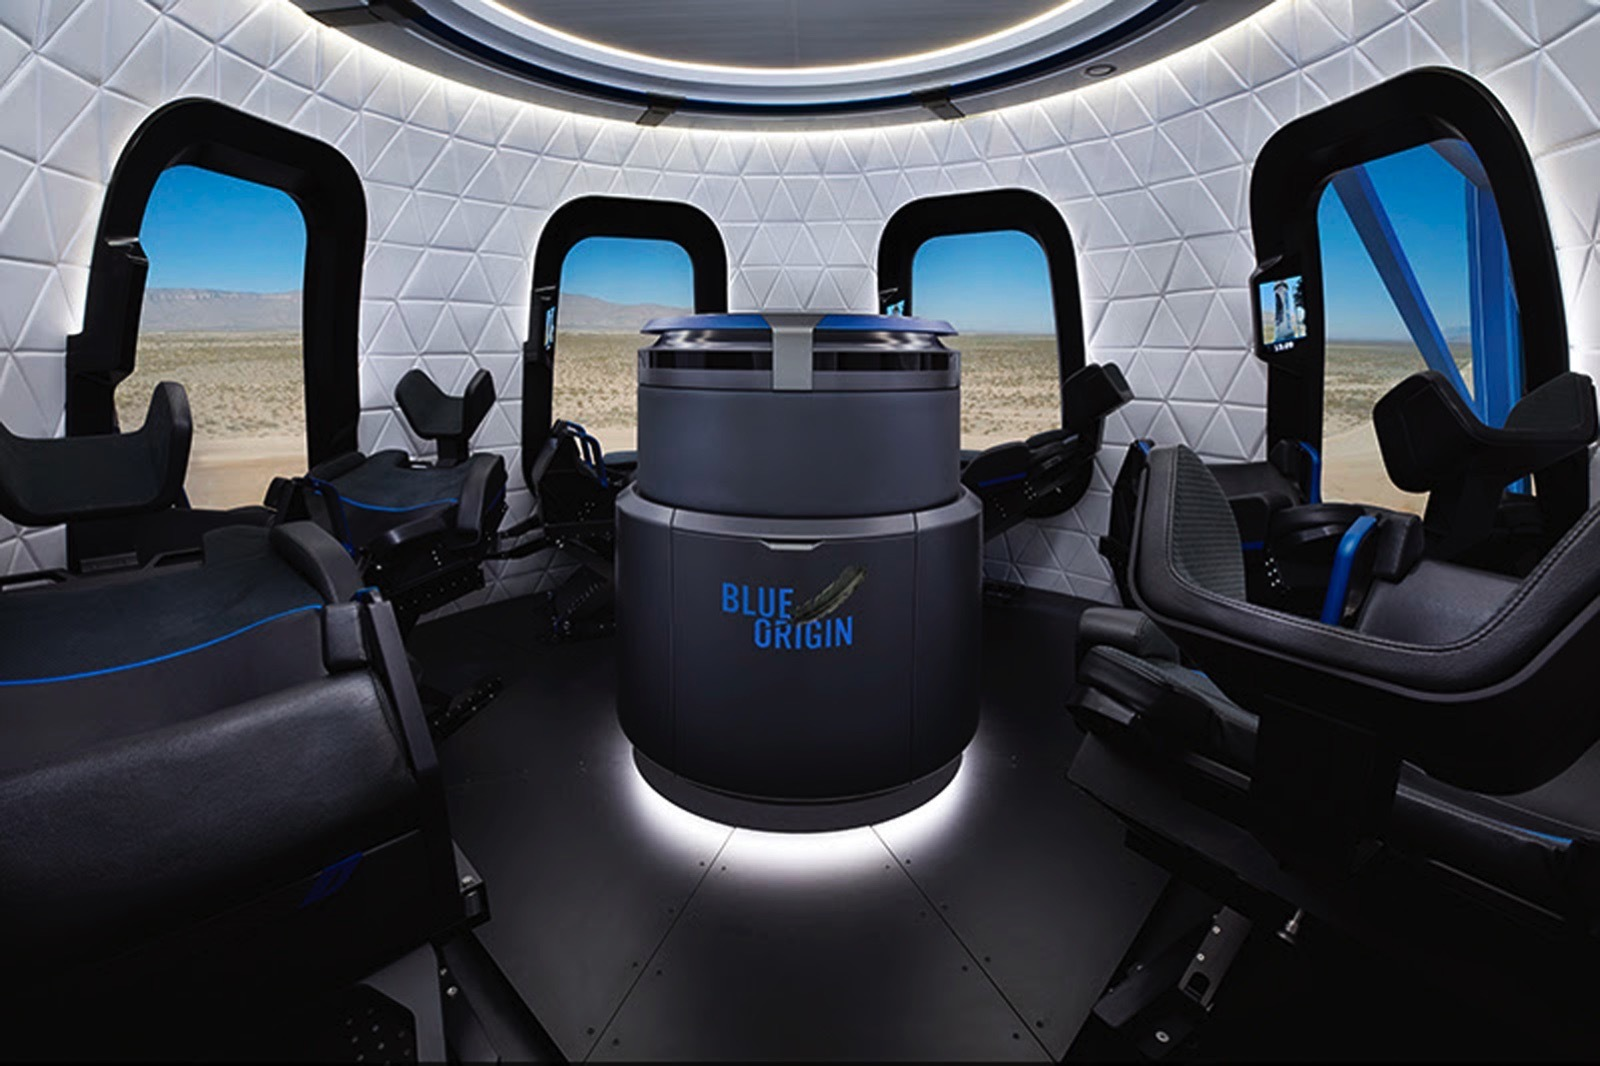 Blue Origin впервые показала интерьер капсулы New Shepard в которой туристы будут летать в космос